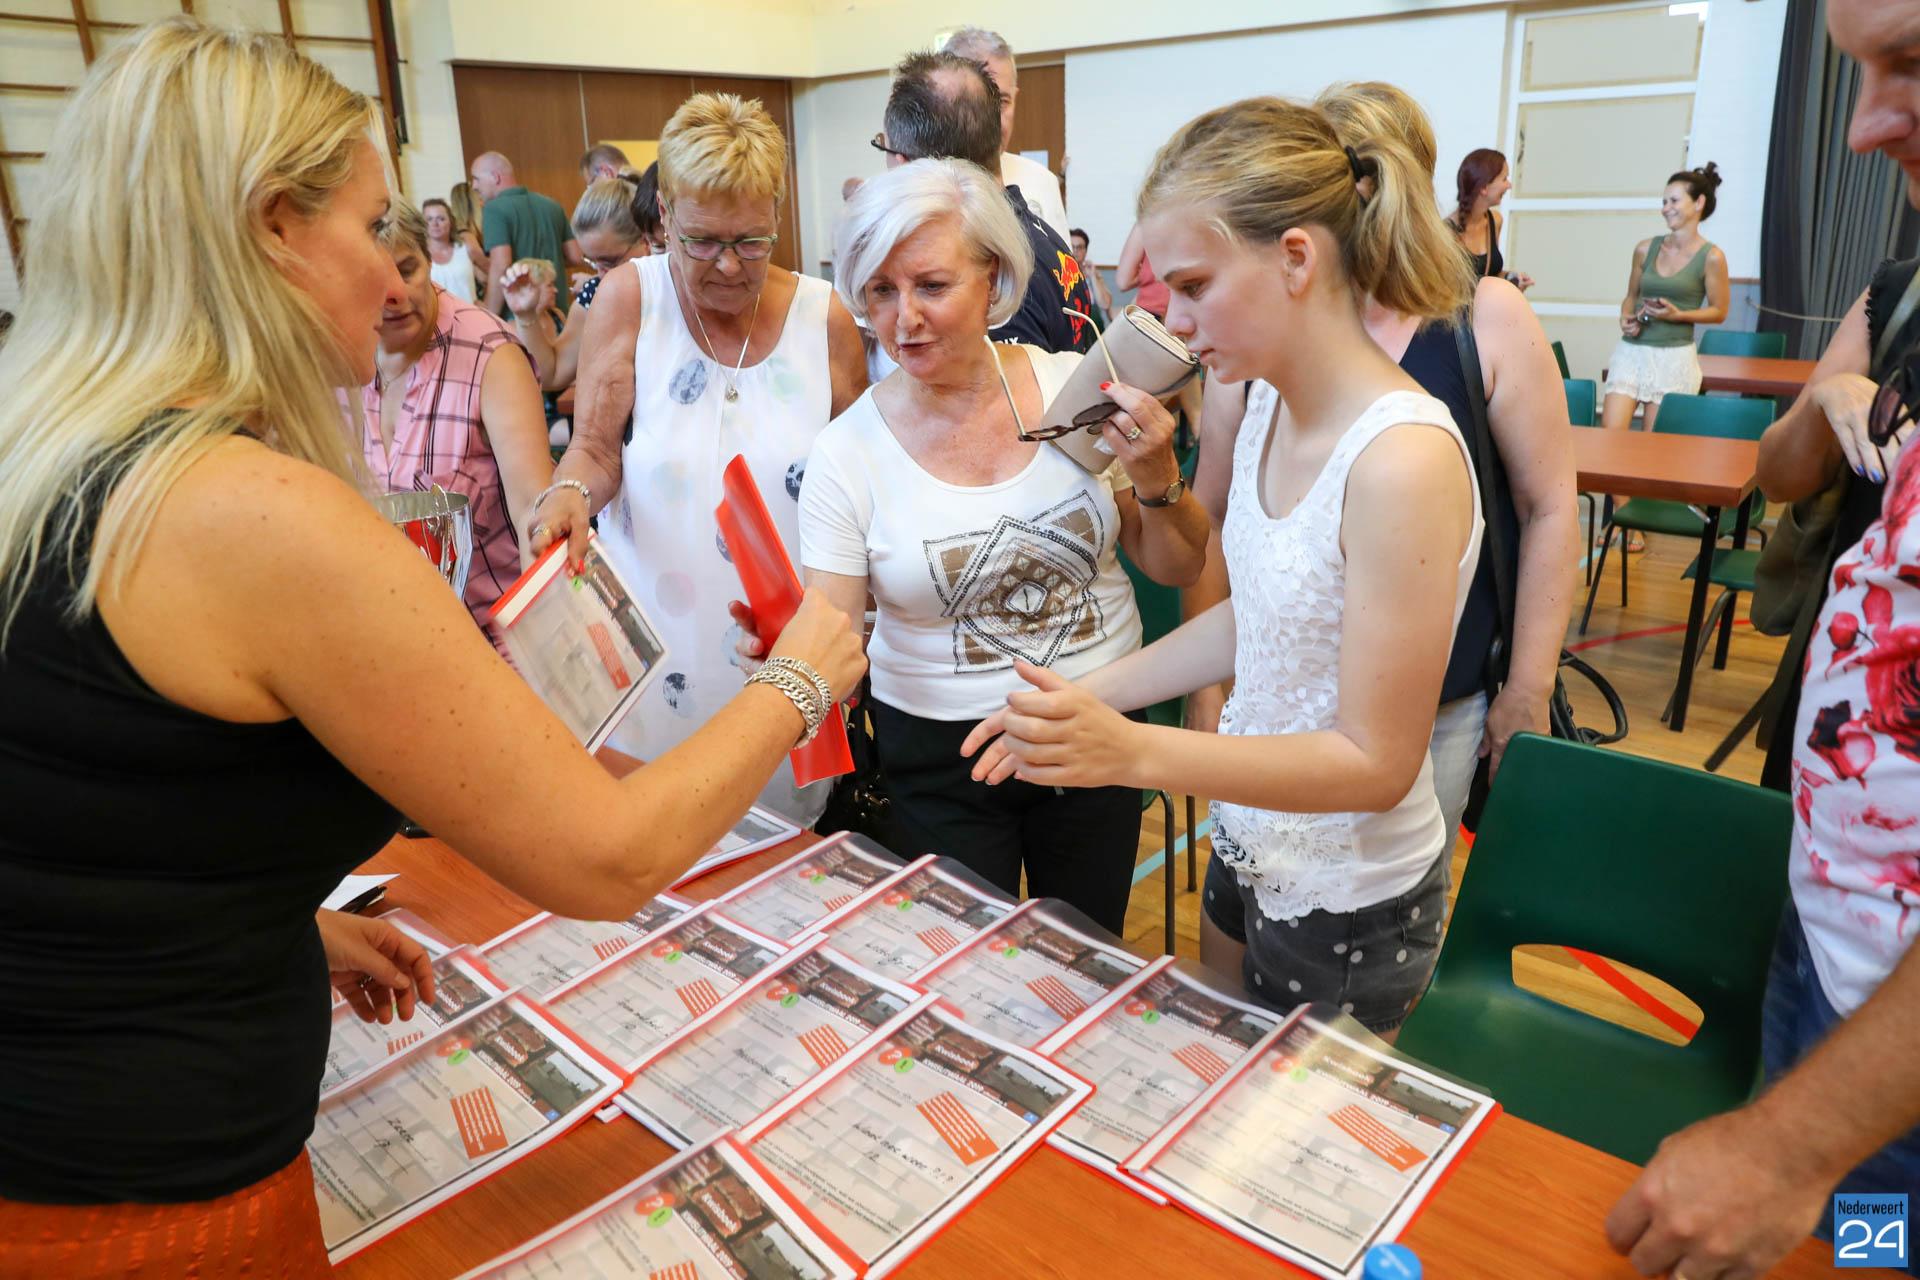 Vijfde editie Kwisutwaal in Leveroy van start (Foto's) - Nederweert24 - Nederweert24